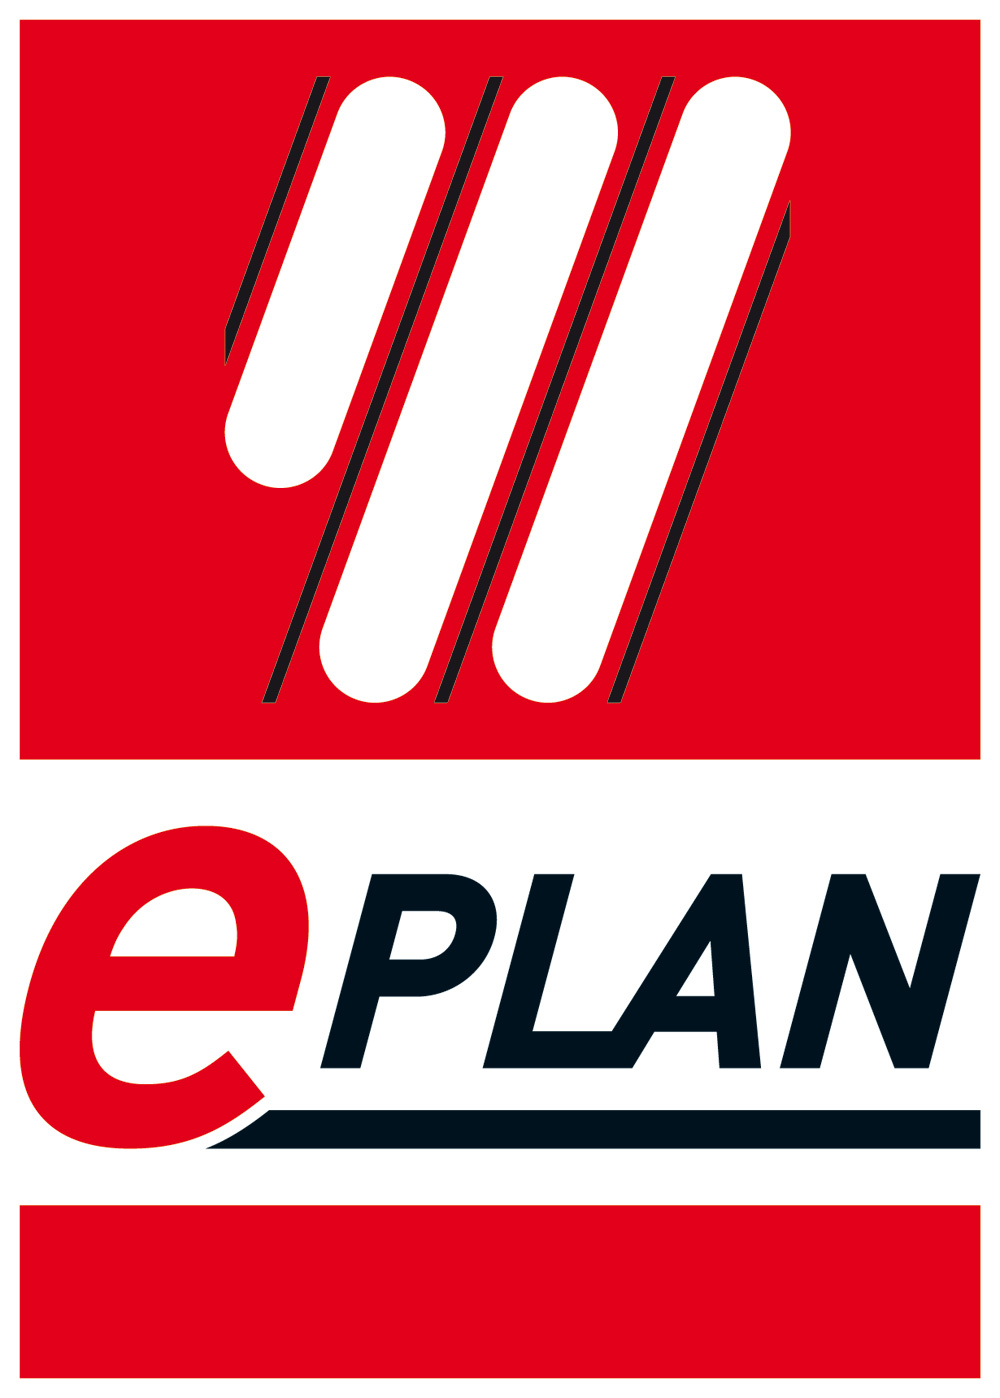 Logo EPLAN 4c 2010